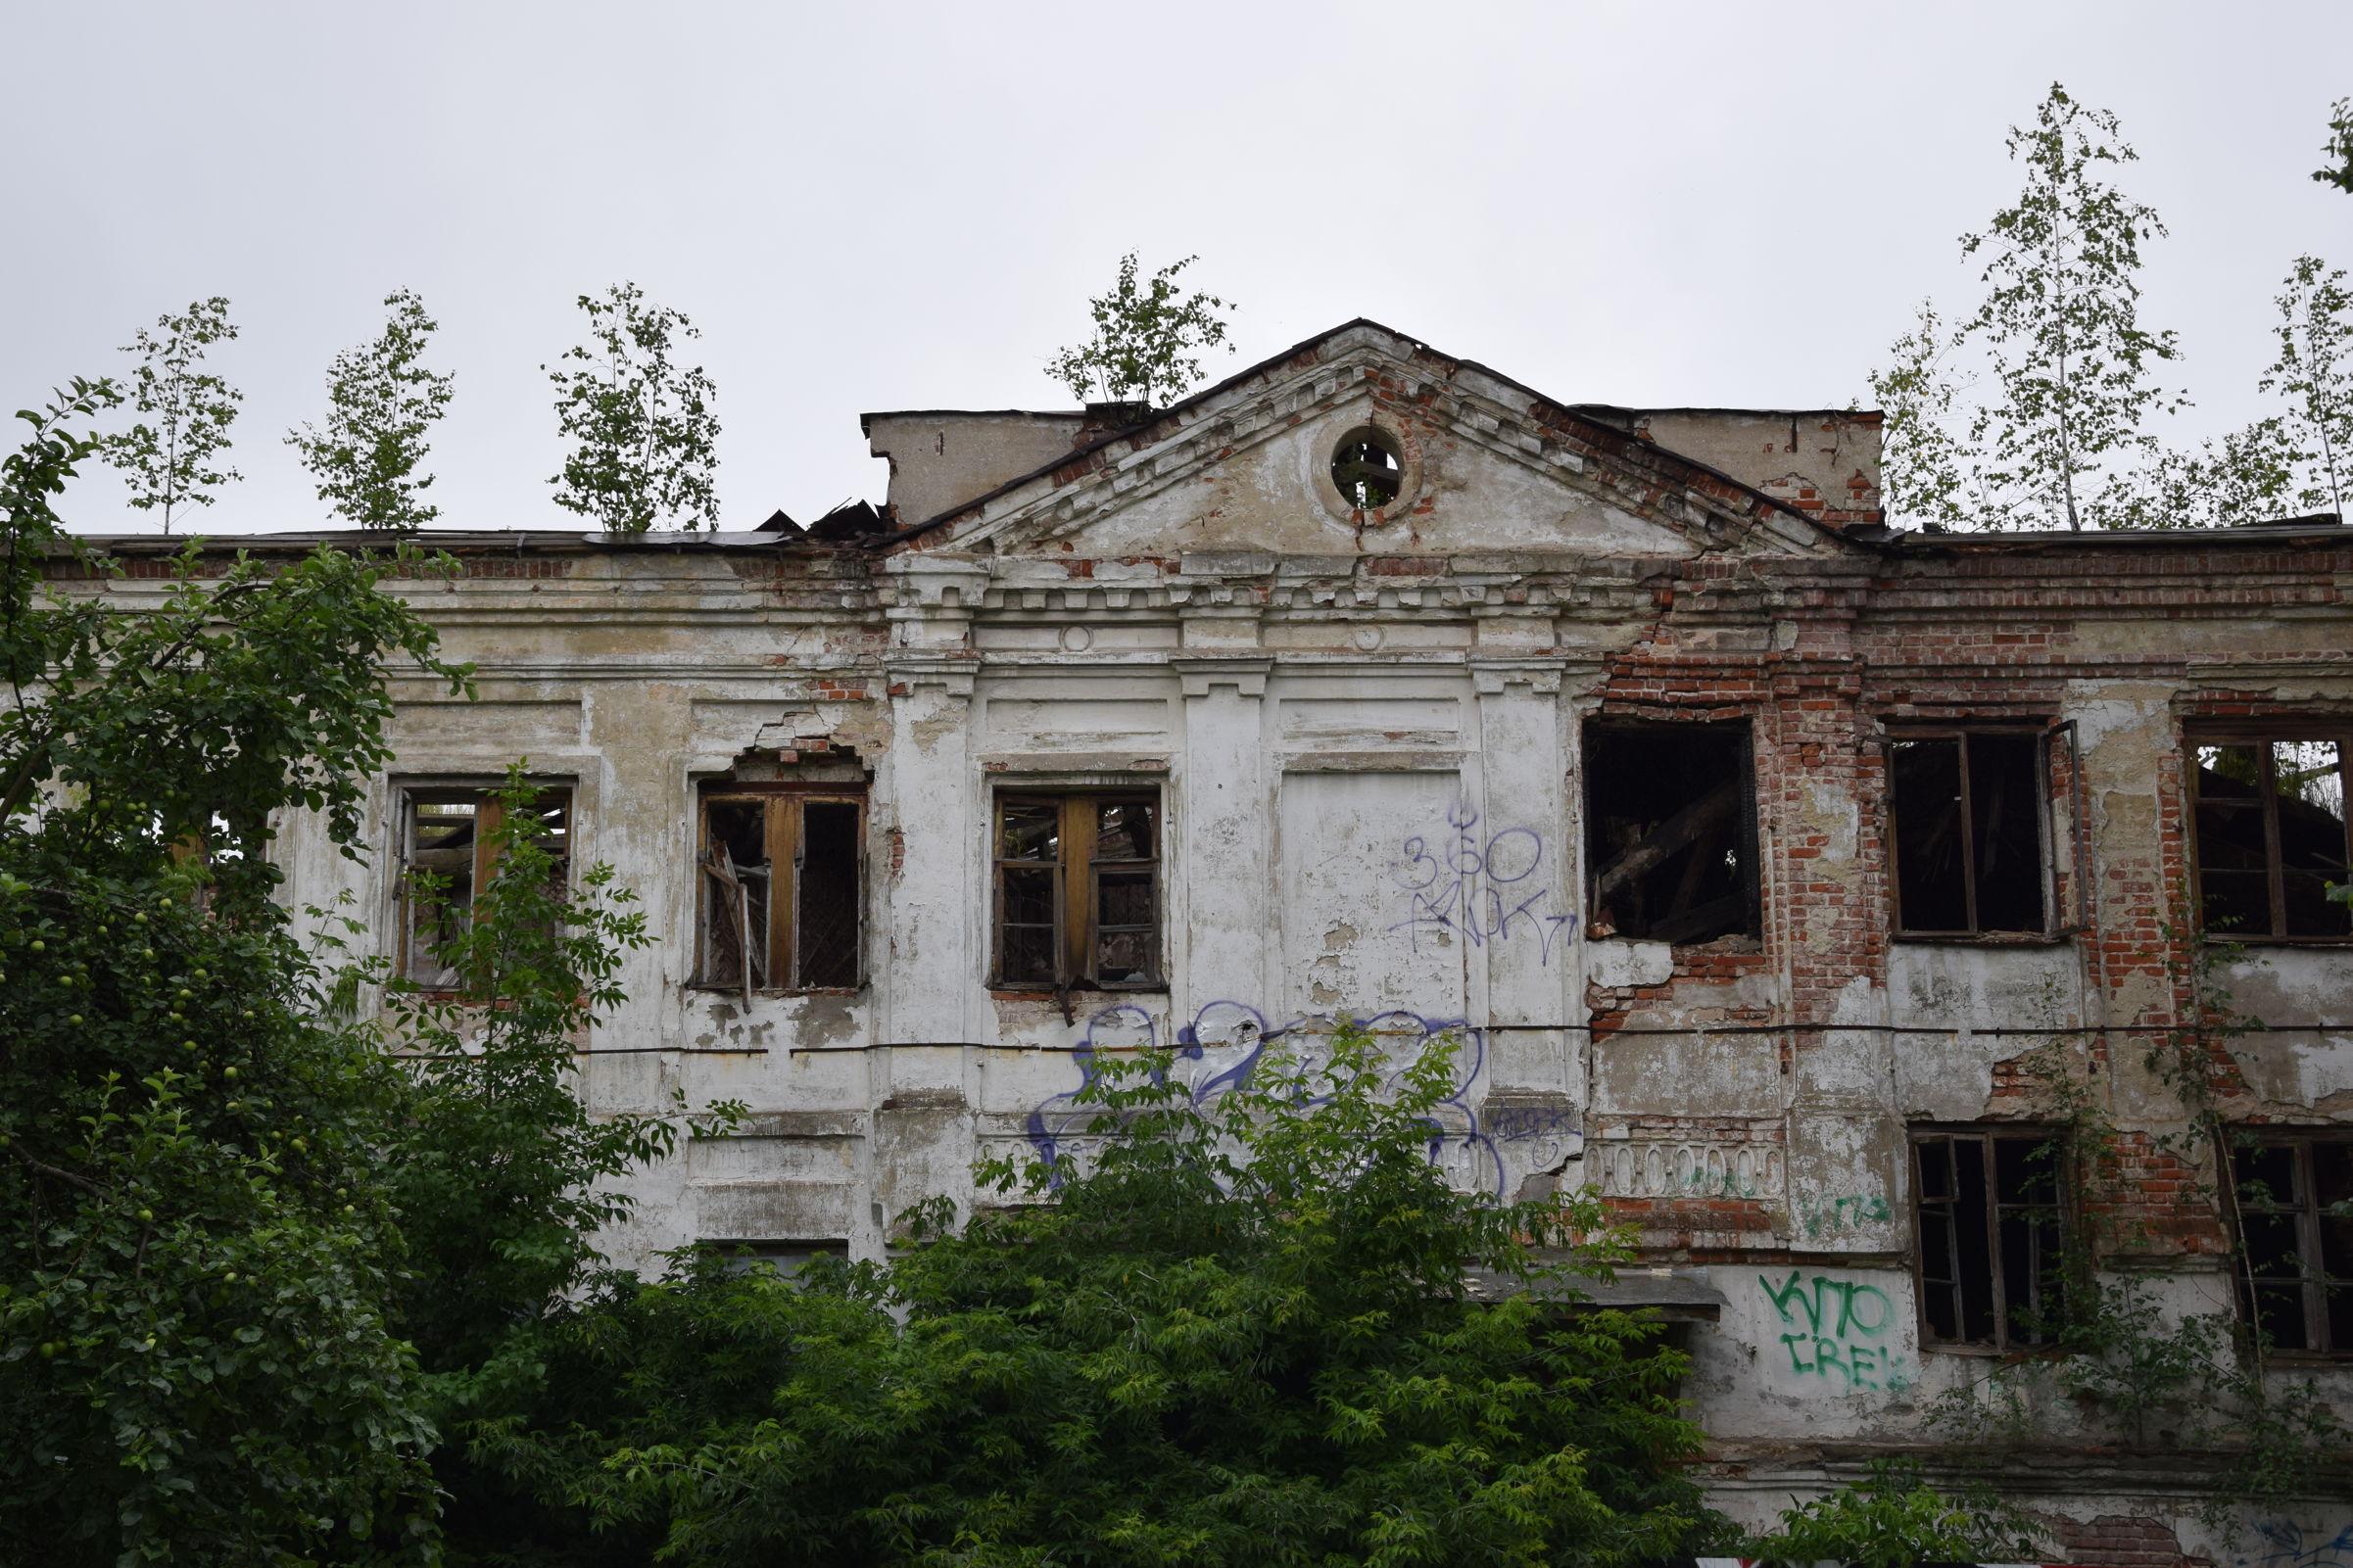 По решению арбитражного суда области Дом Чарышникова в Ярославле изъят у собственника